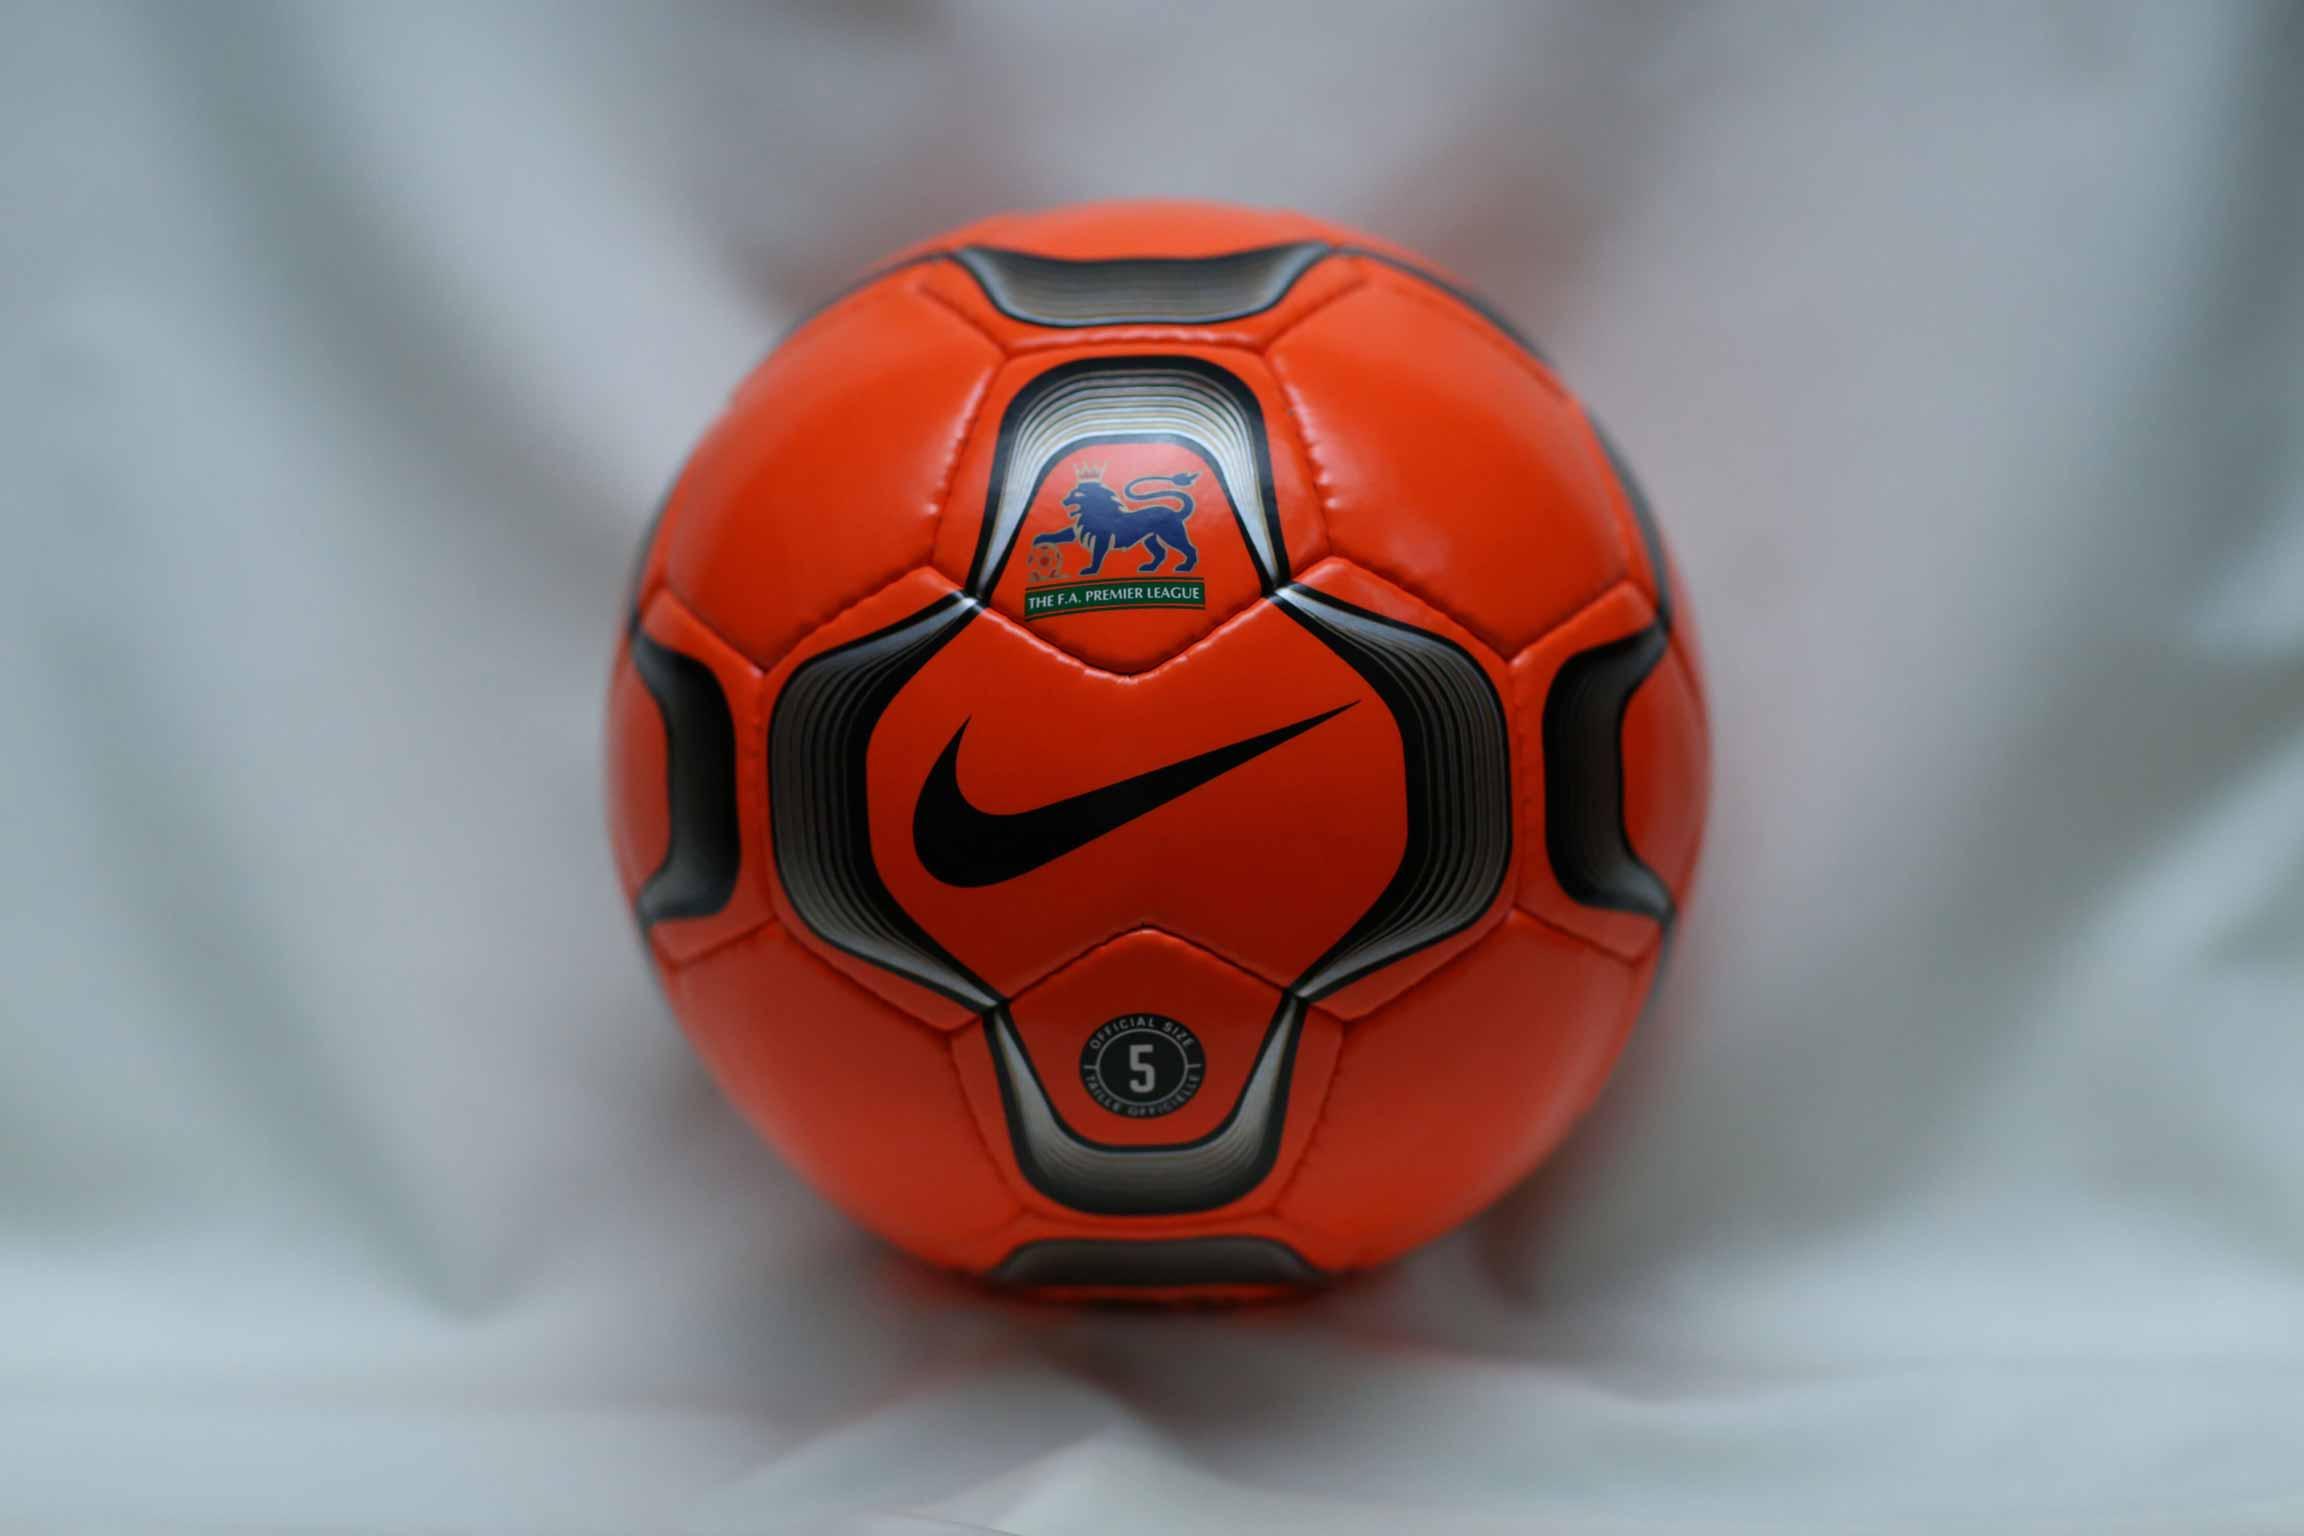 Зимняя версия мяча Английской премьер Лиги сезонов 2002-2003, 2003-2004 — NIKE GEO MERLIN VAPOR